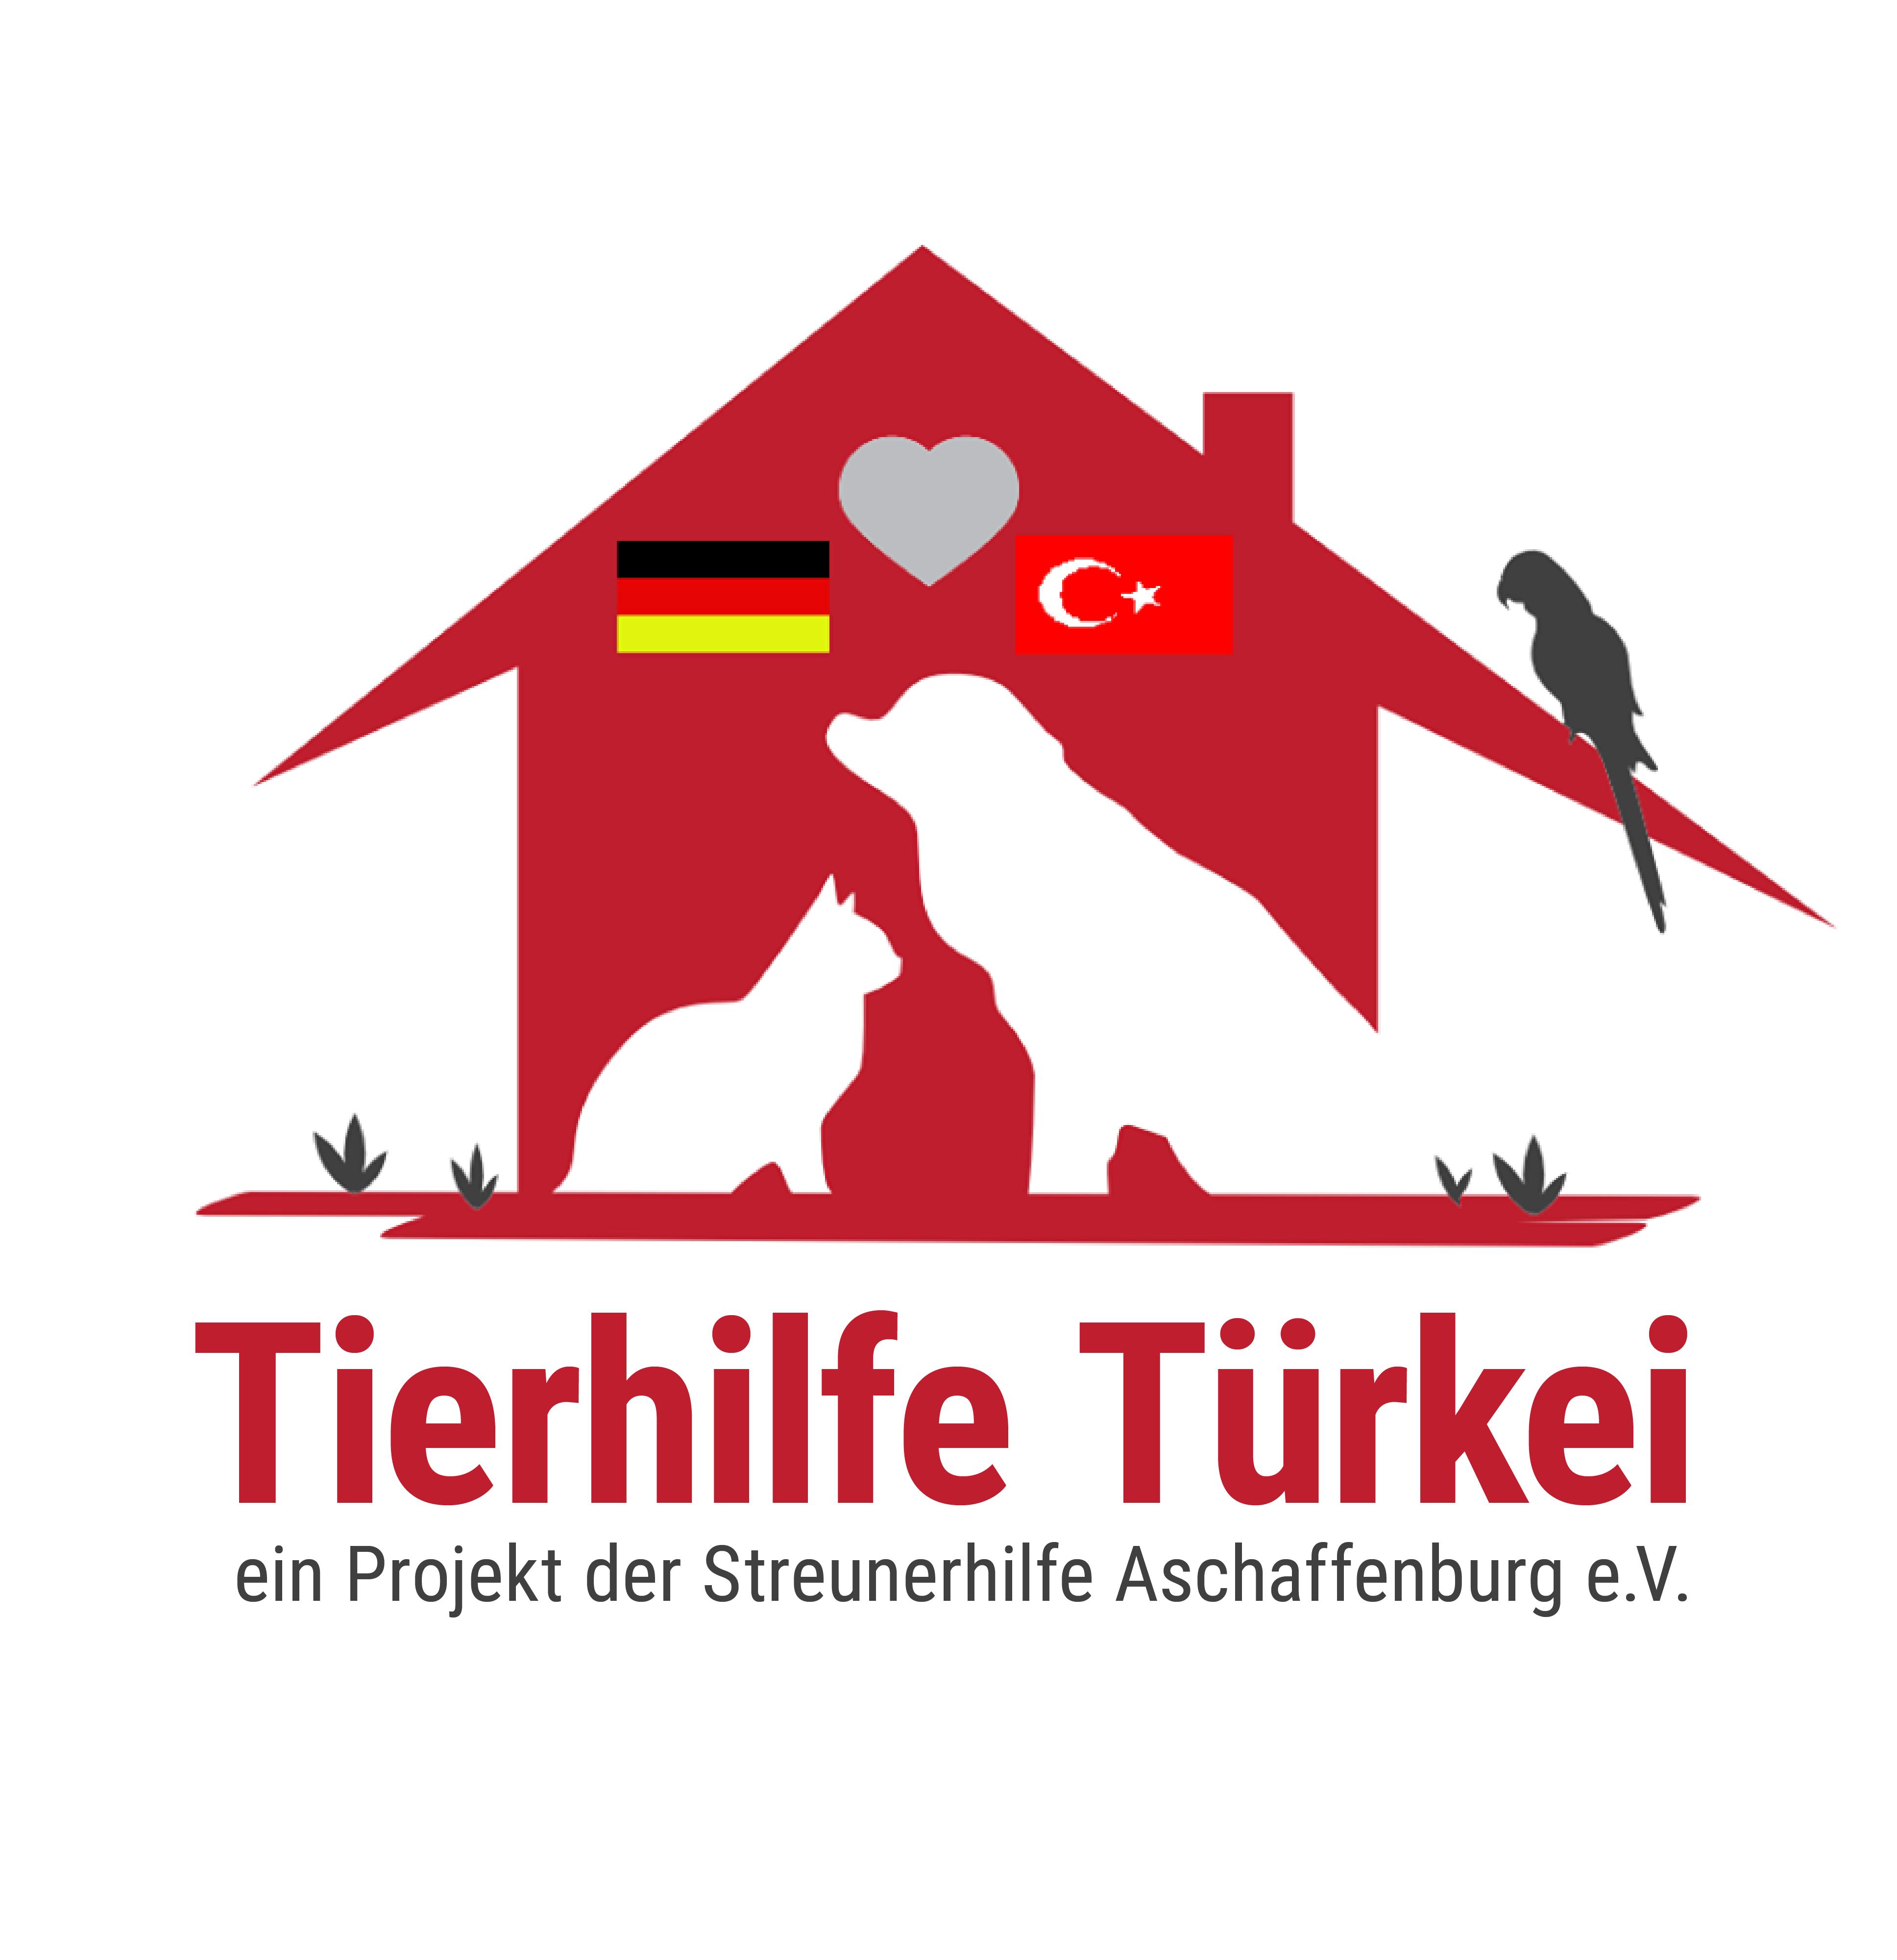 Tierhilfe Türkei – ein Projekt der Streunerhilfe Aschaffenburg e.V.